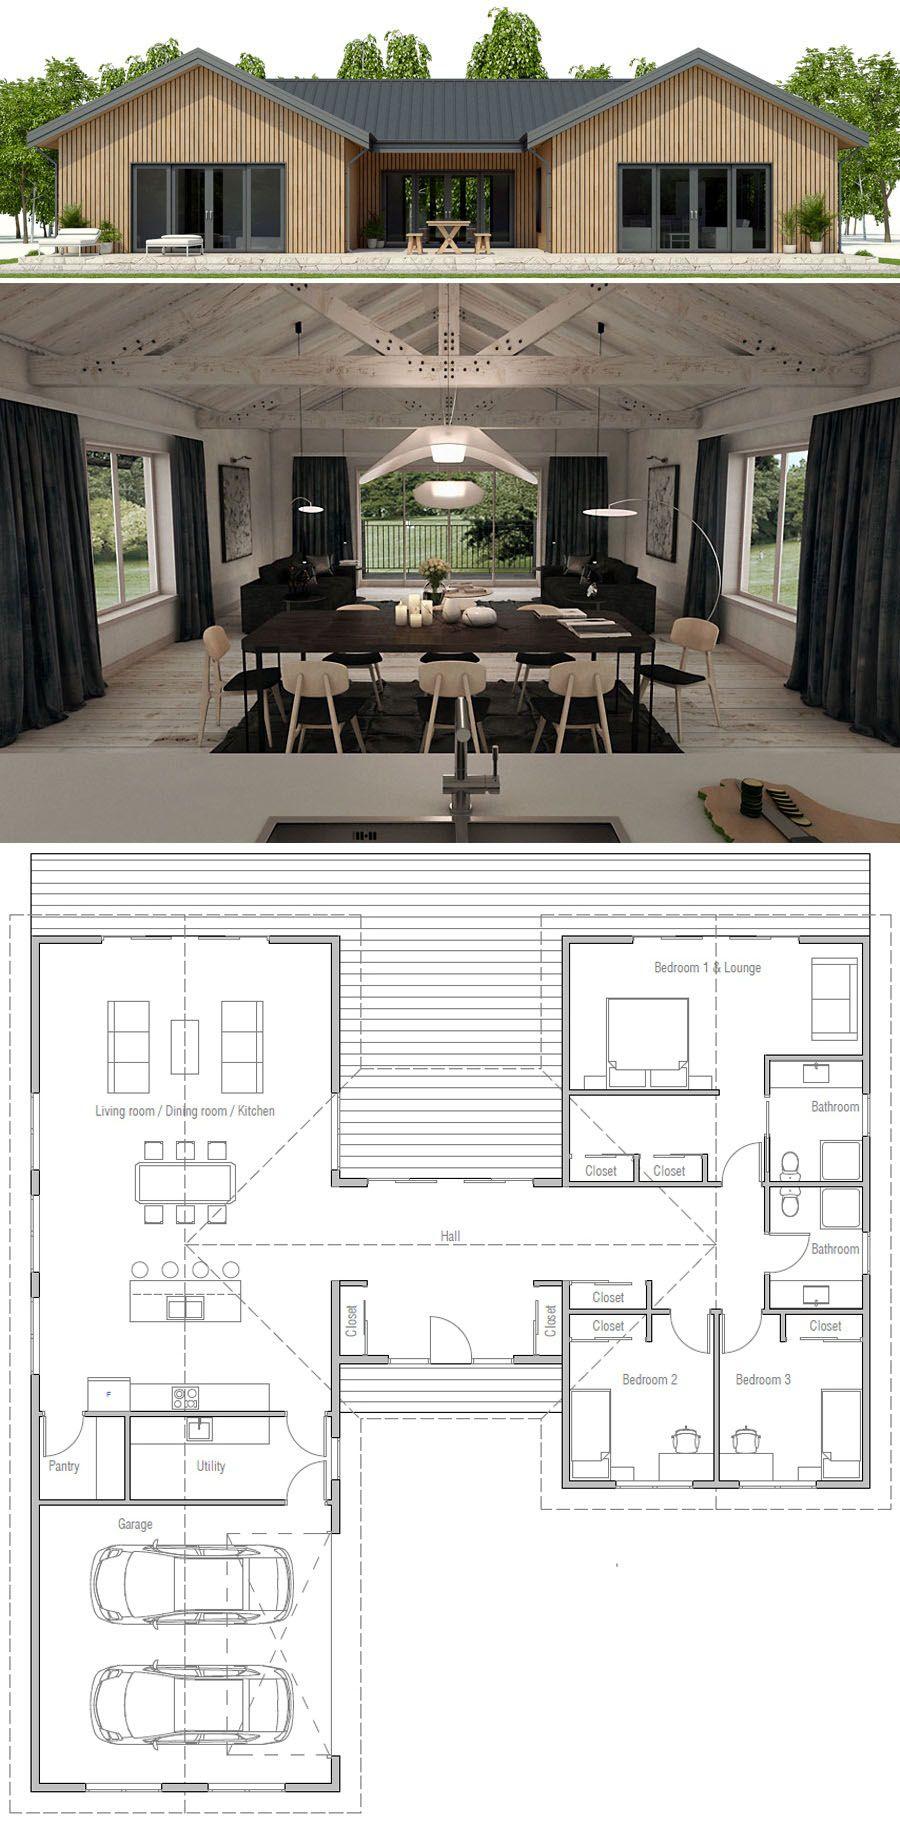 Küchenplan grundriss plan de maison  mein zu hause  pinterest  haus haus pläne und